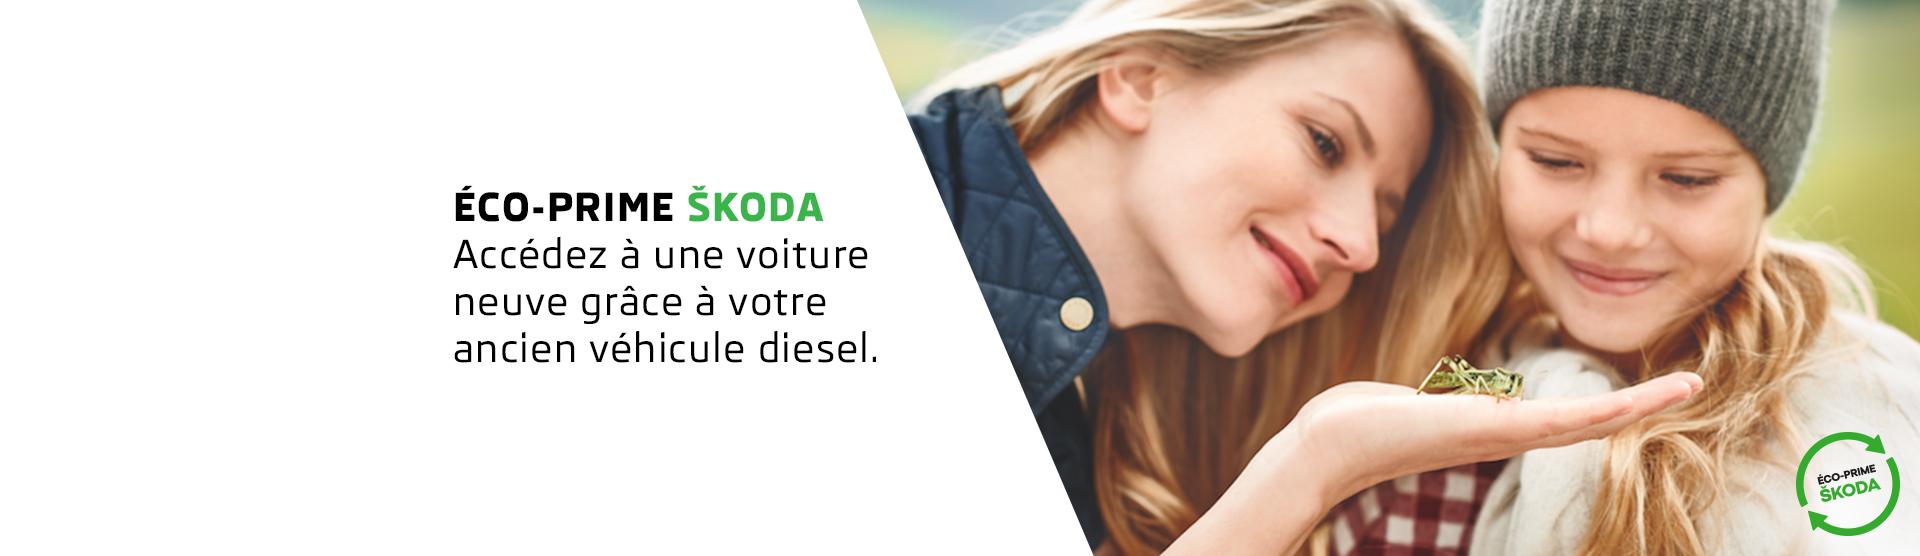 Eco-prime Skoda